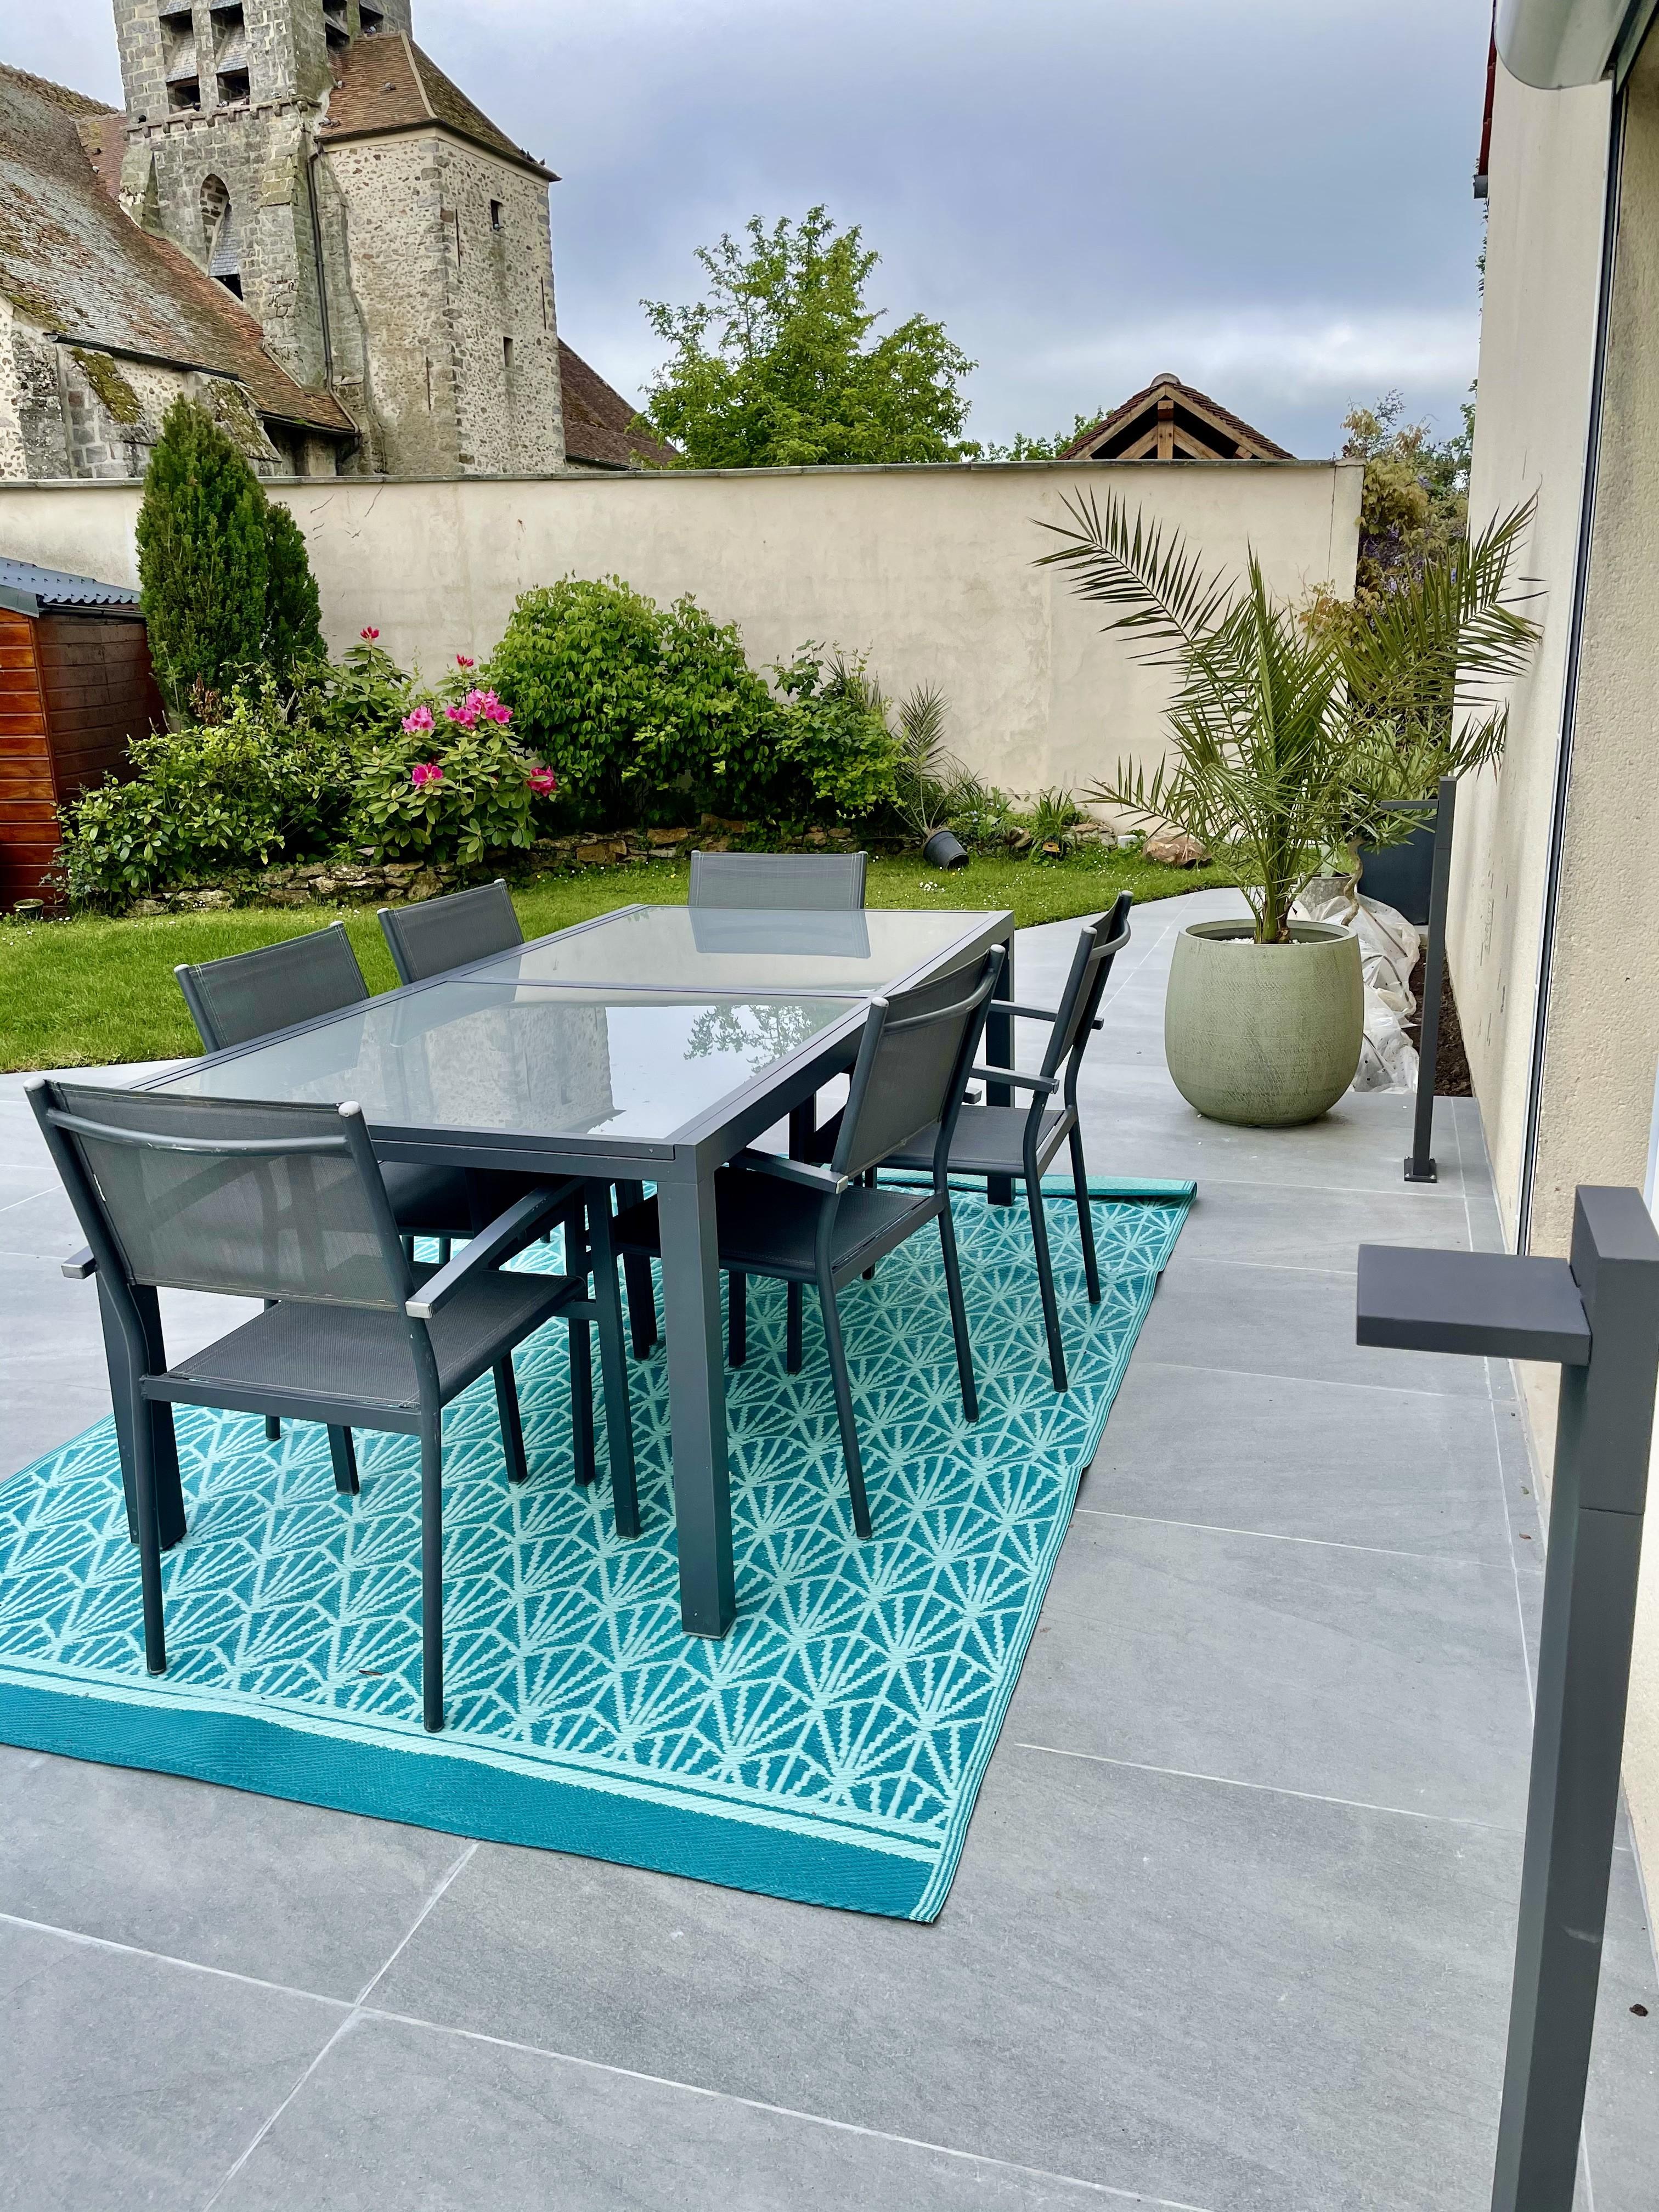 Table d exte rieur peggy guezello ame nagement de jardi et terrasse